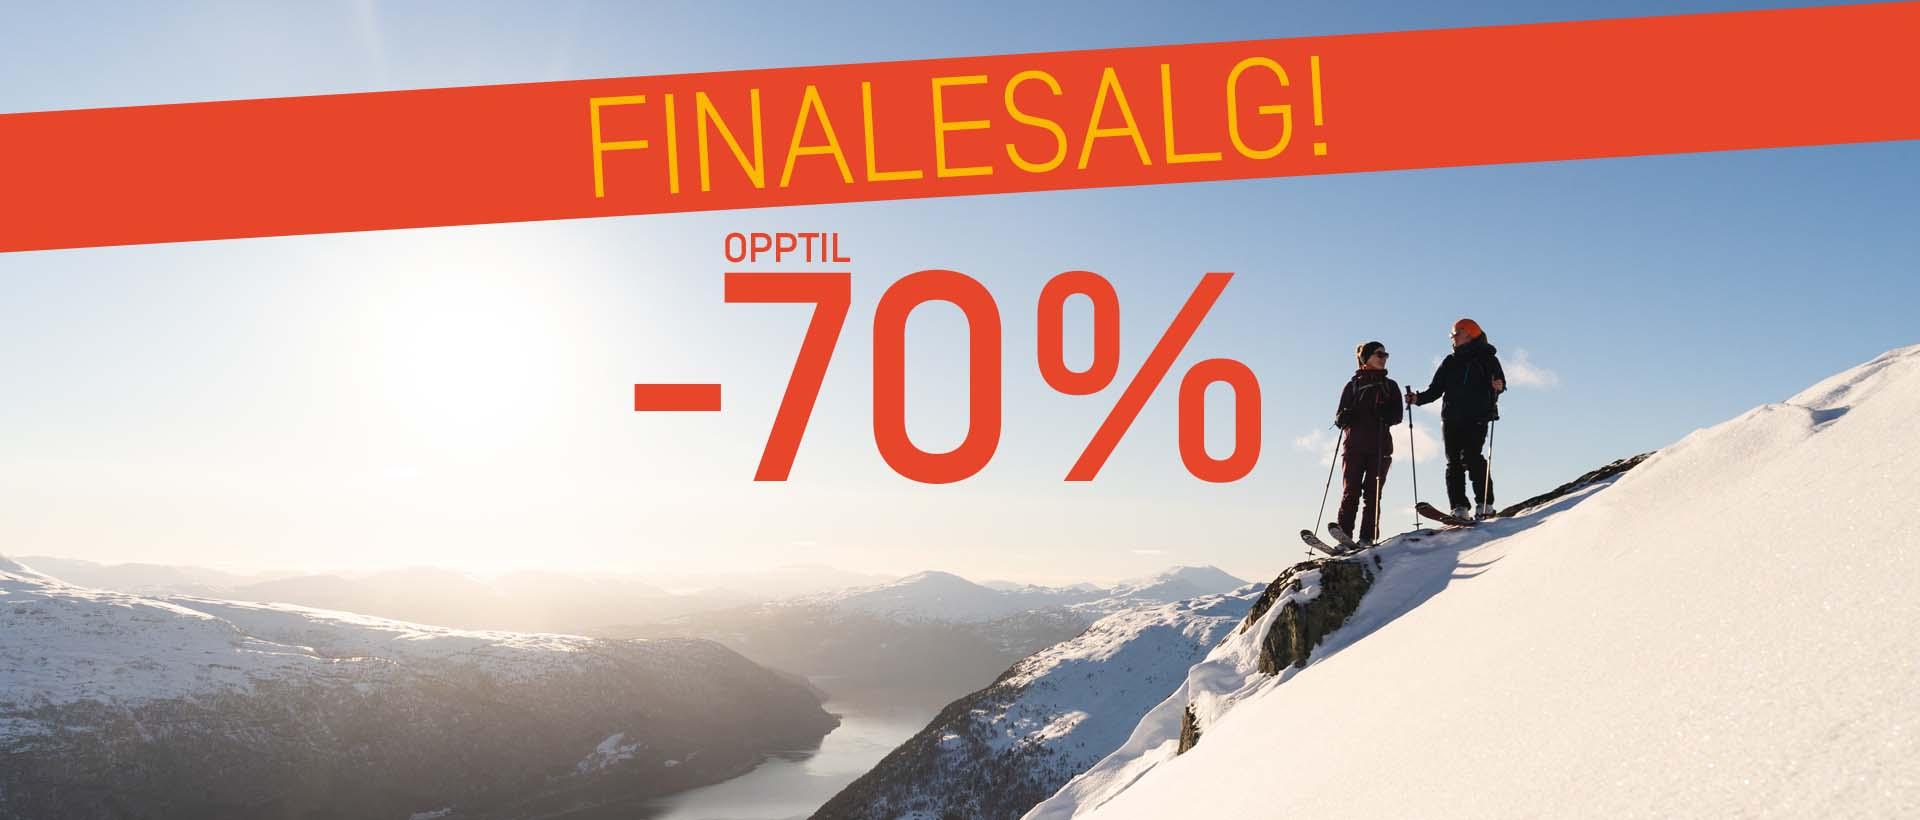 FINALESALG - OPPTIL -70%